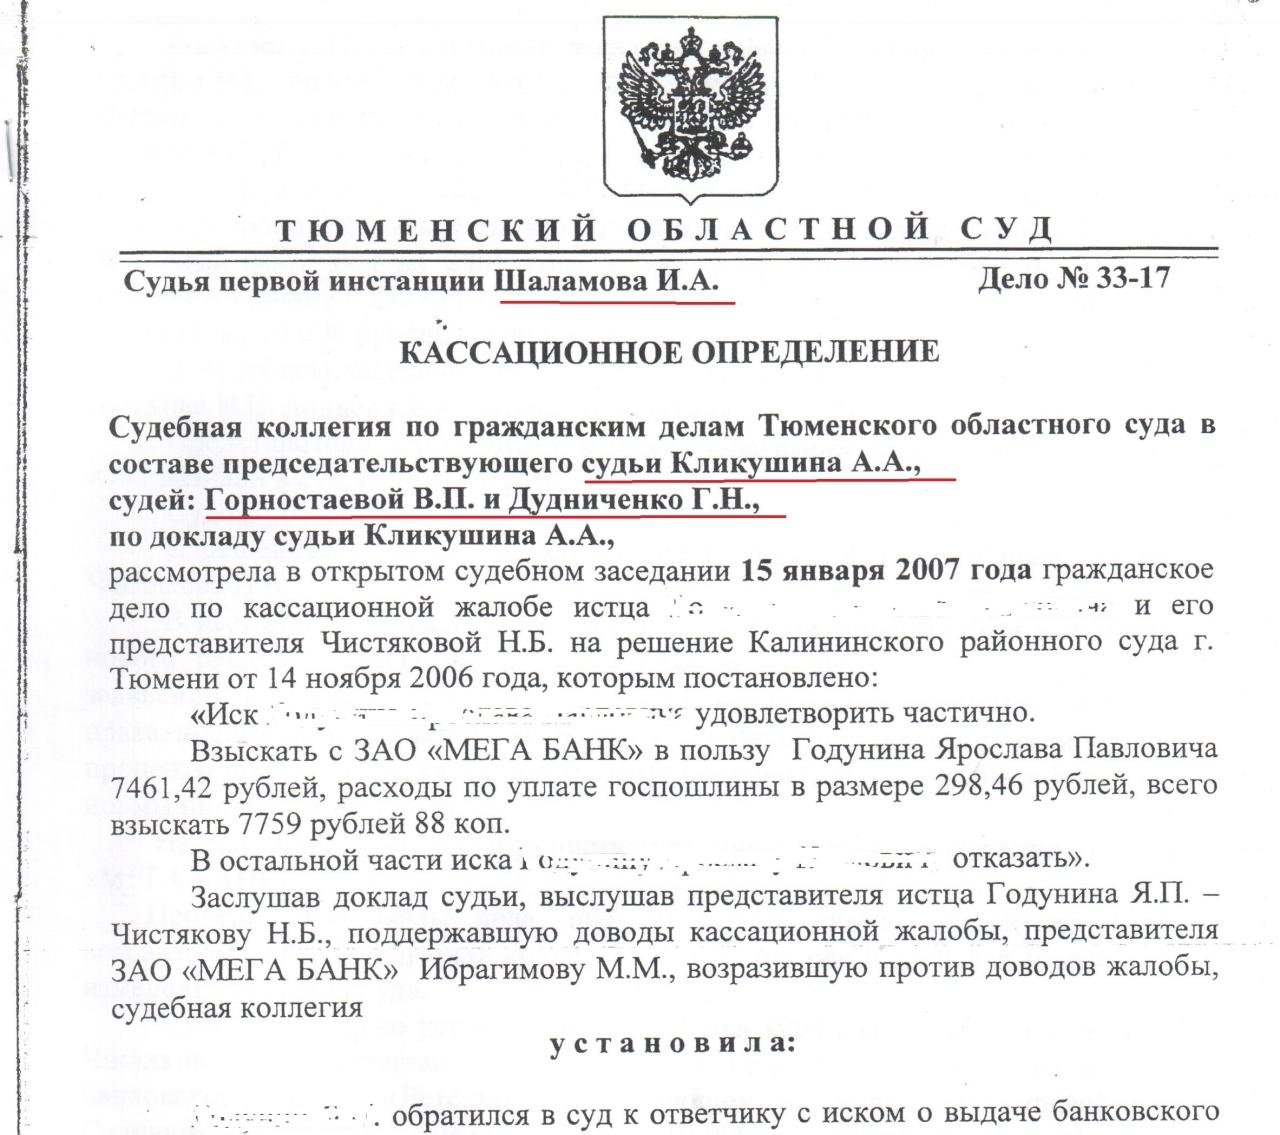 Заявление на имя прокурора города образец